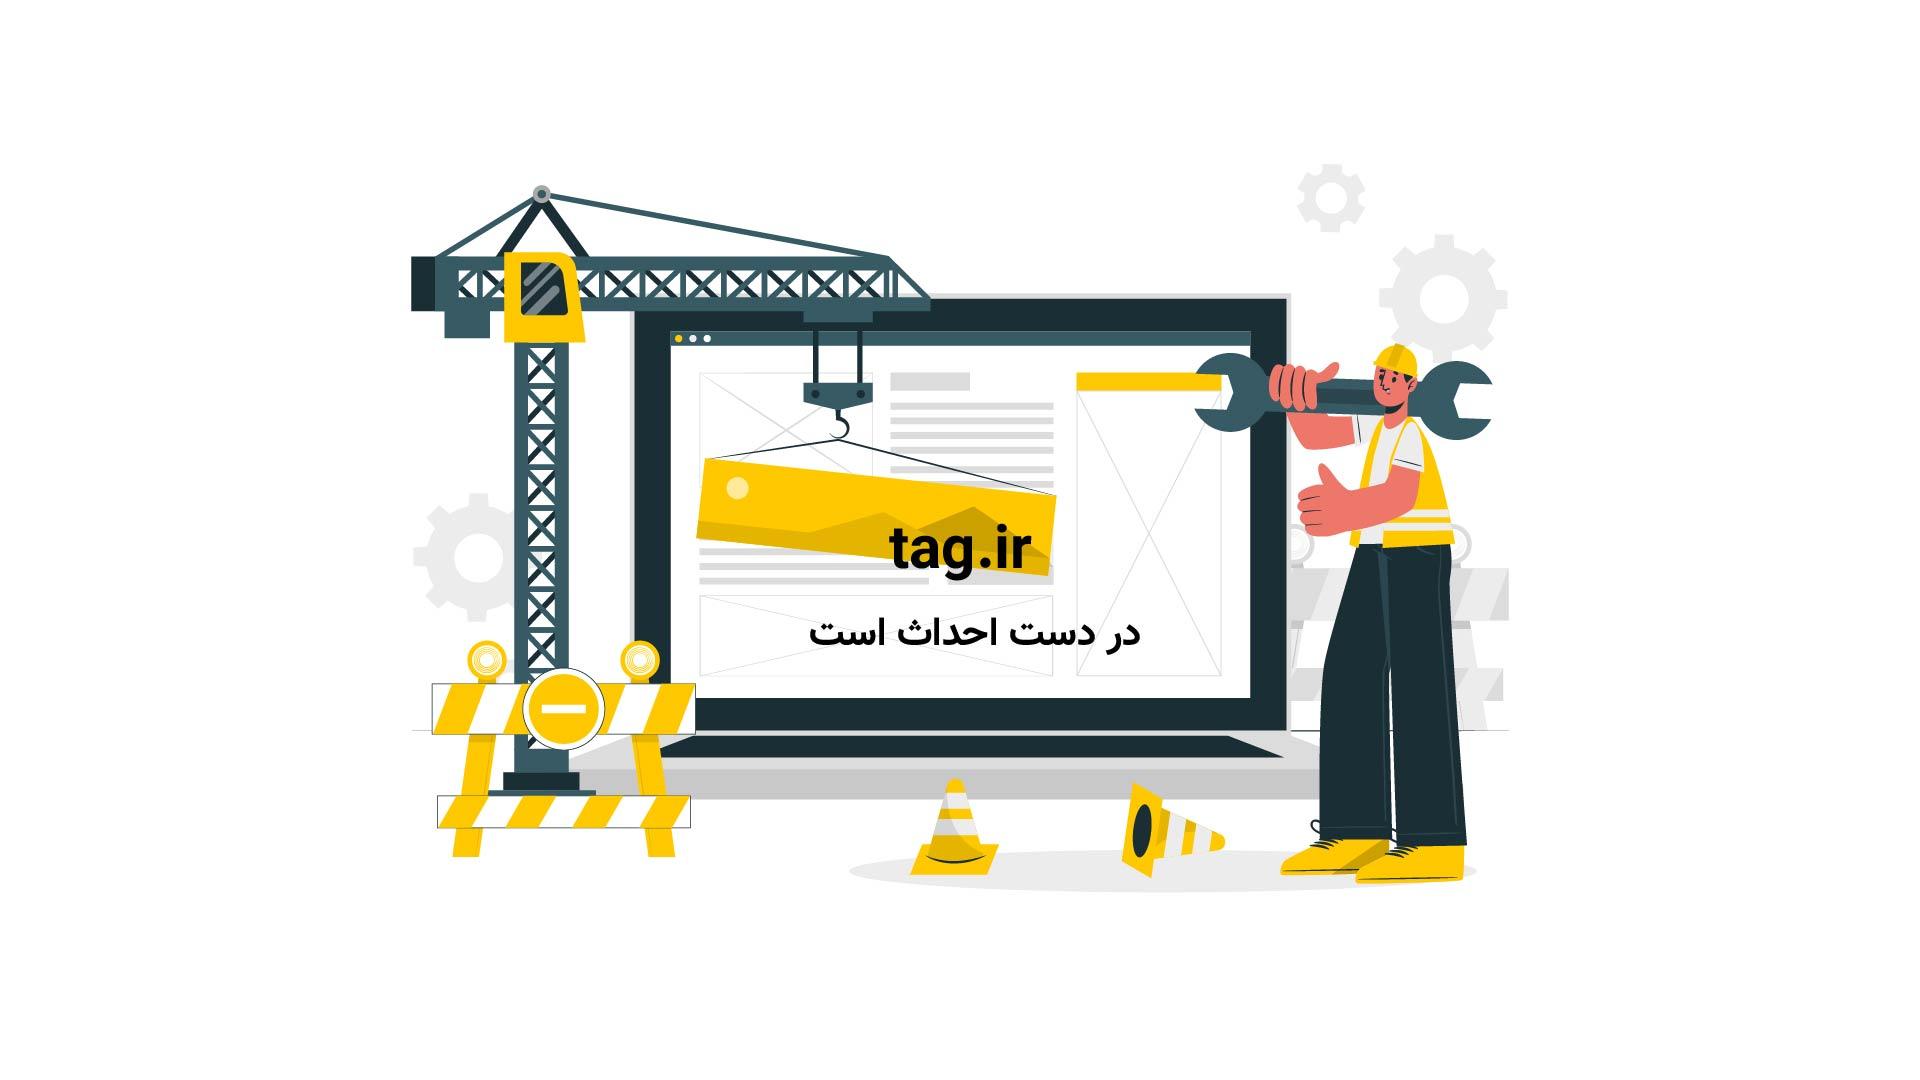 فرار از مرگ معجزه آسای زن جوان پس از سقوط از  طبقه ۹ هتل | فیلم